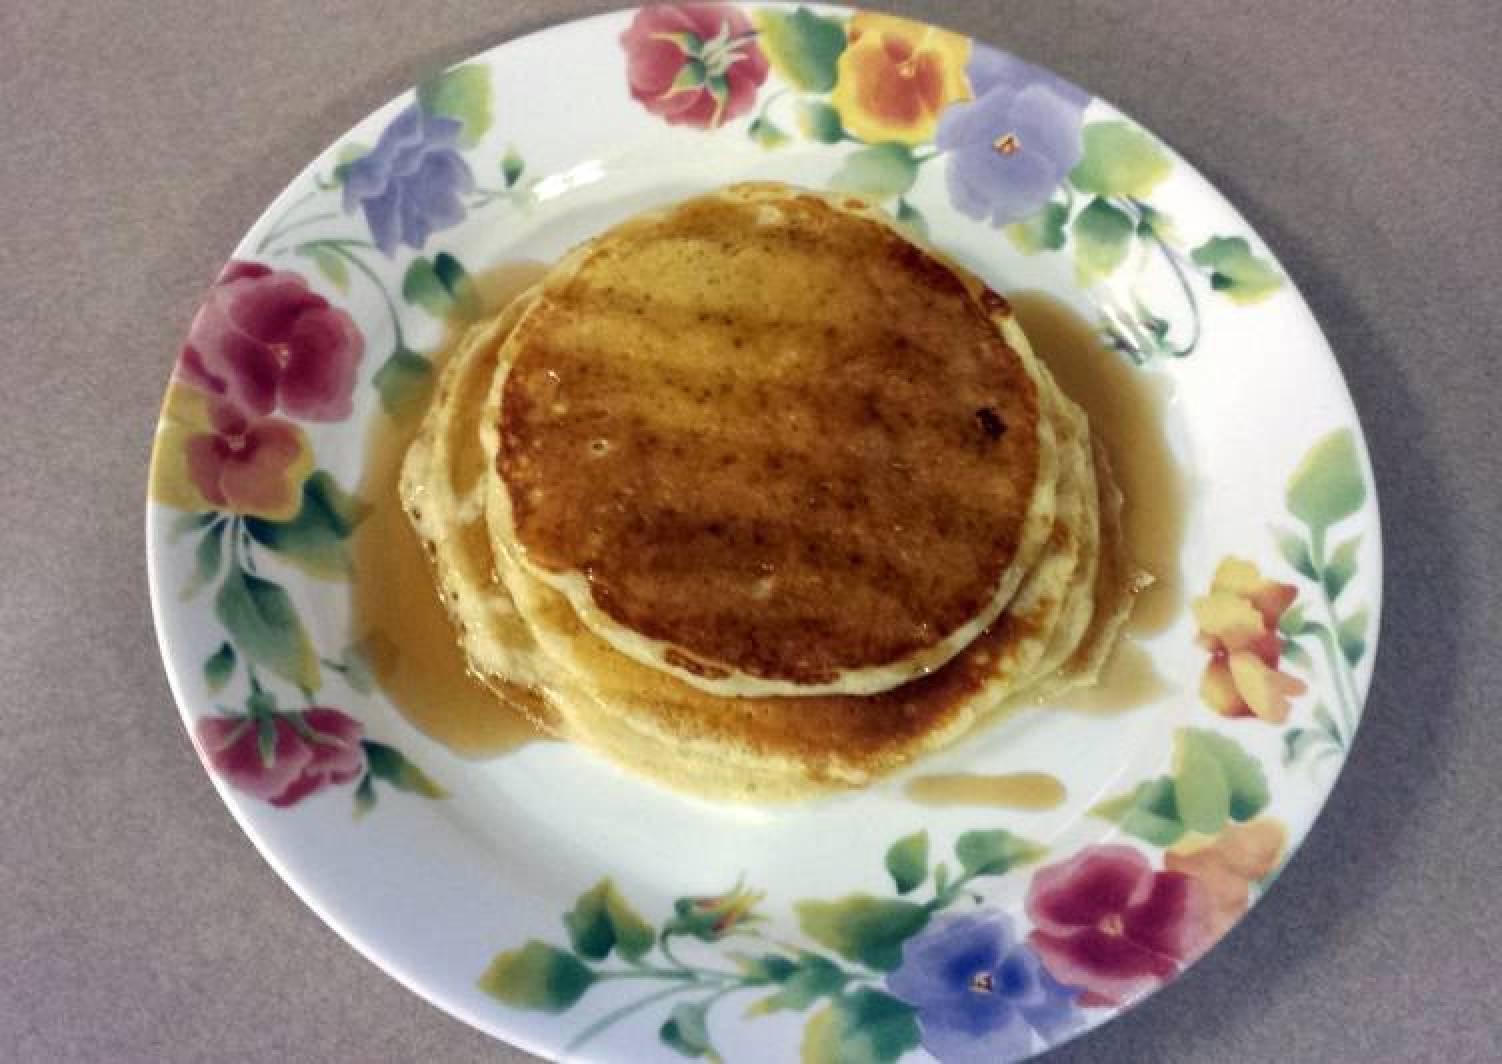 JR's buttermilk pancakes